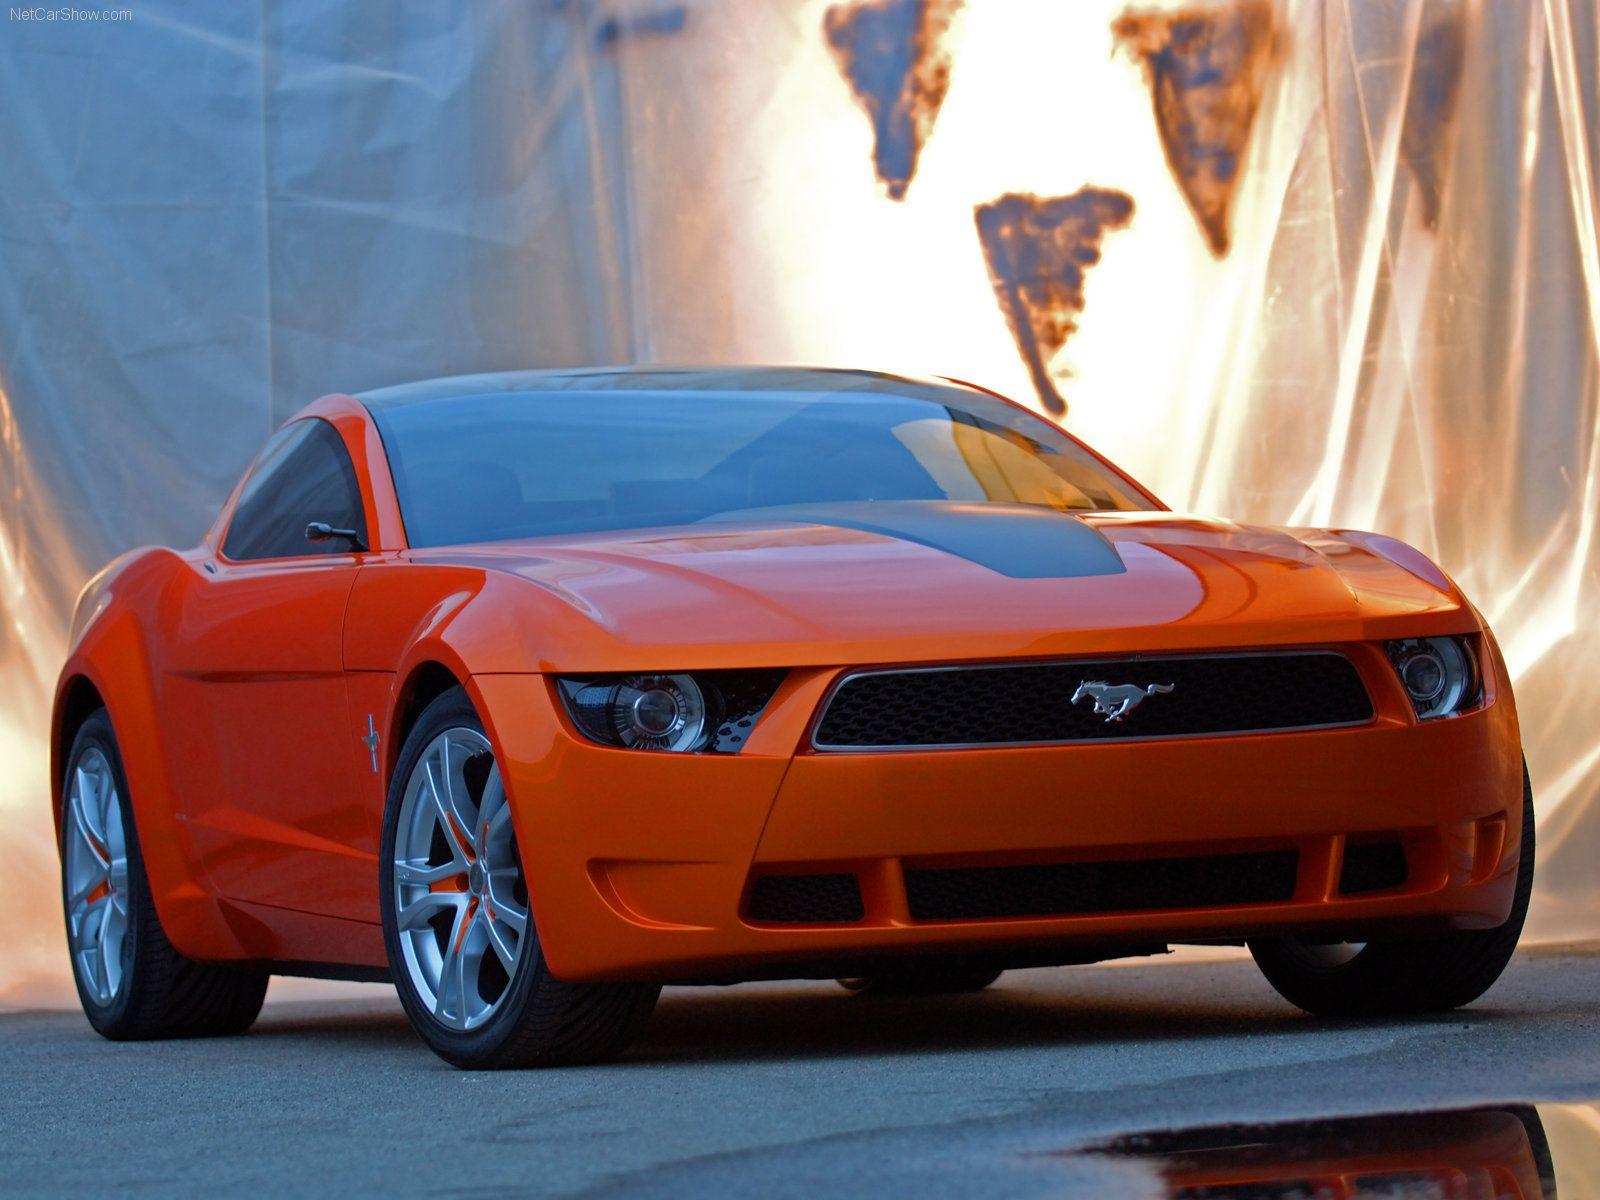 Giuargaro Mustang